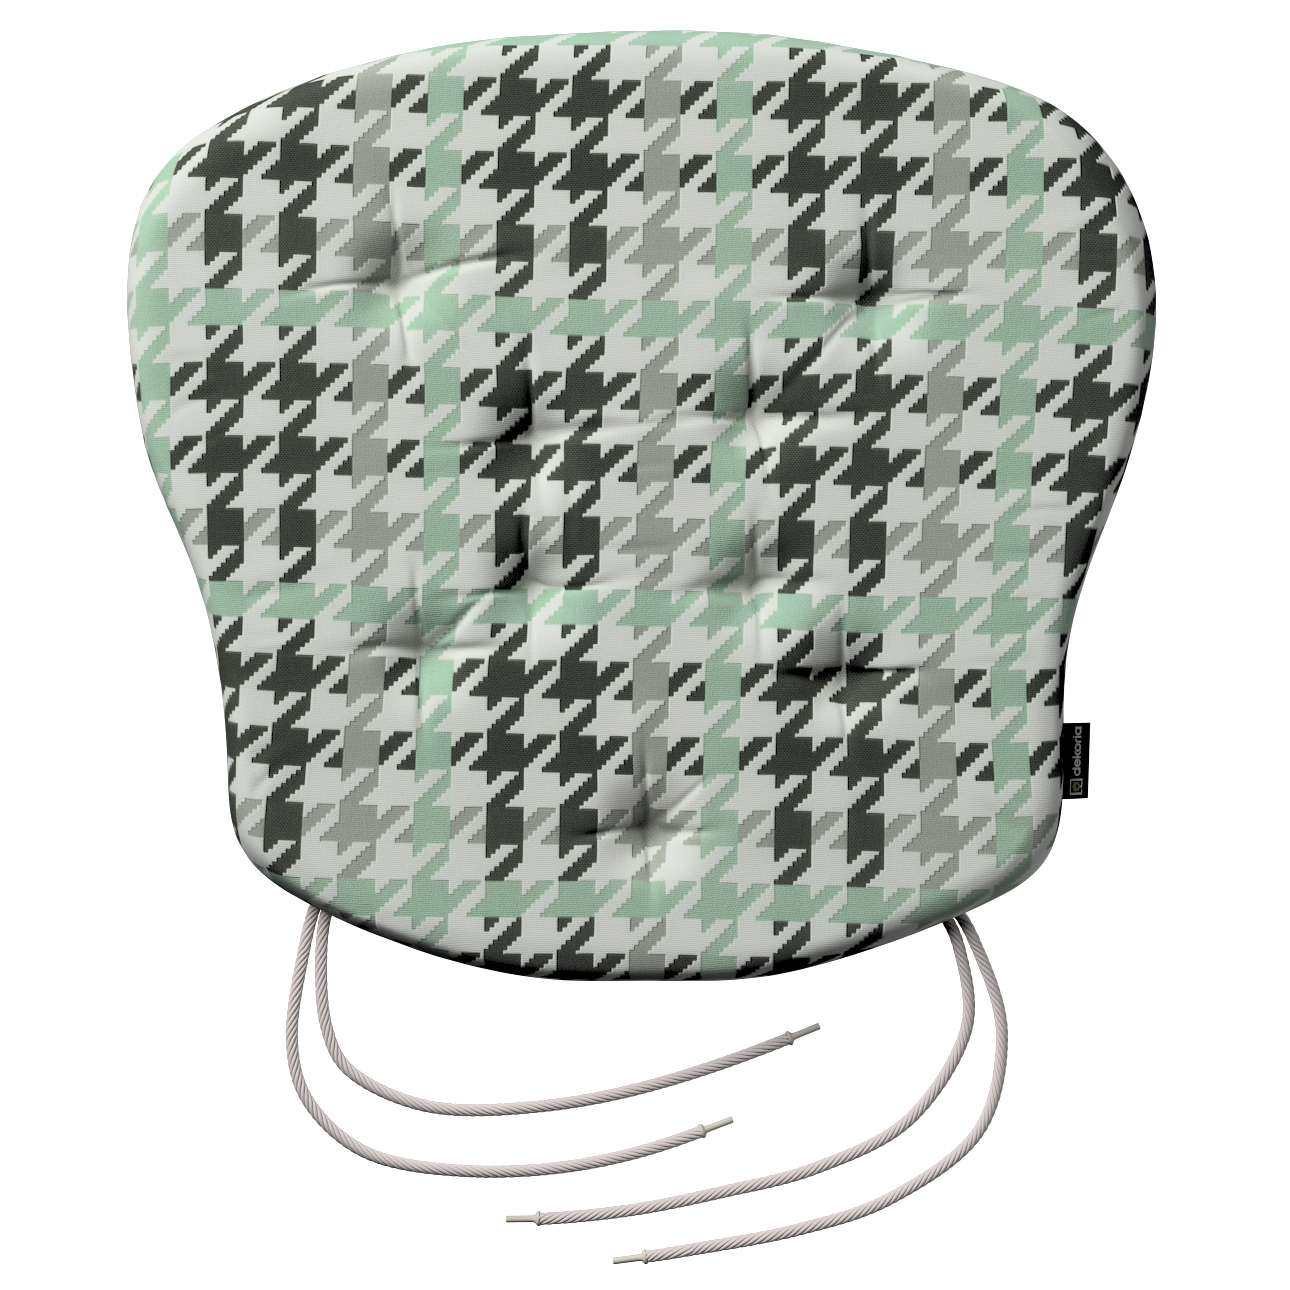 Siedzisko Filip na krzesło 41x38x3,5 cm w kolekcji Brooklyn, tkanina: 137-77